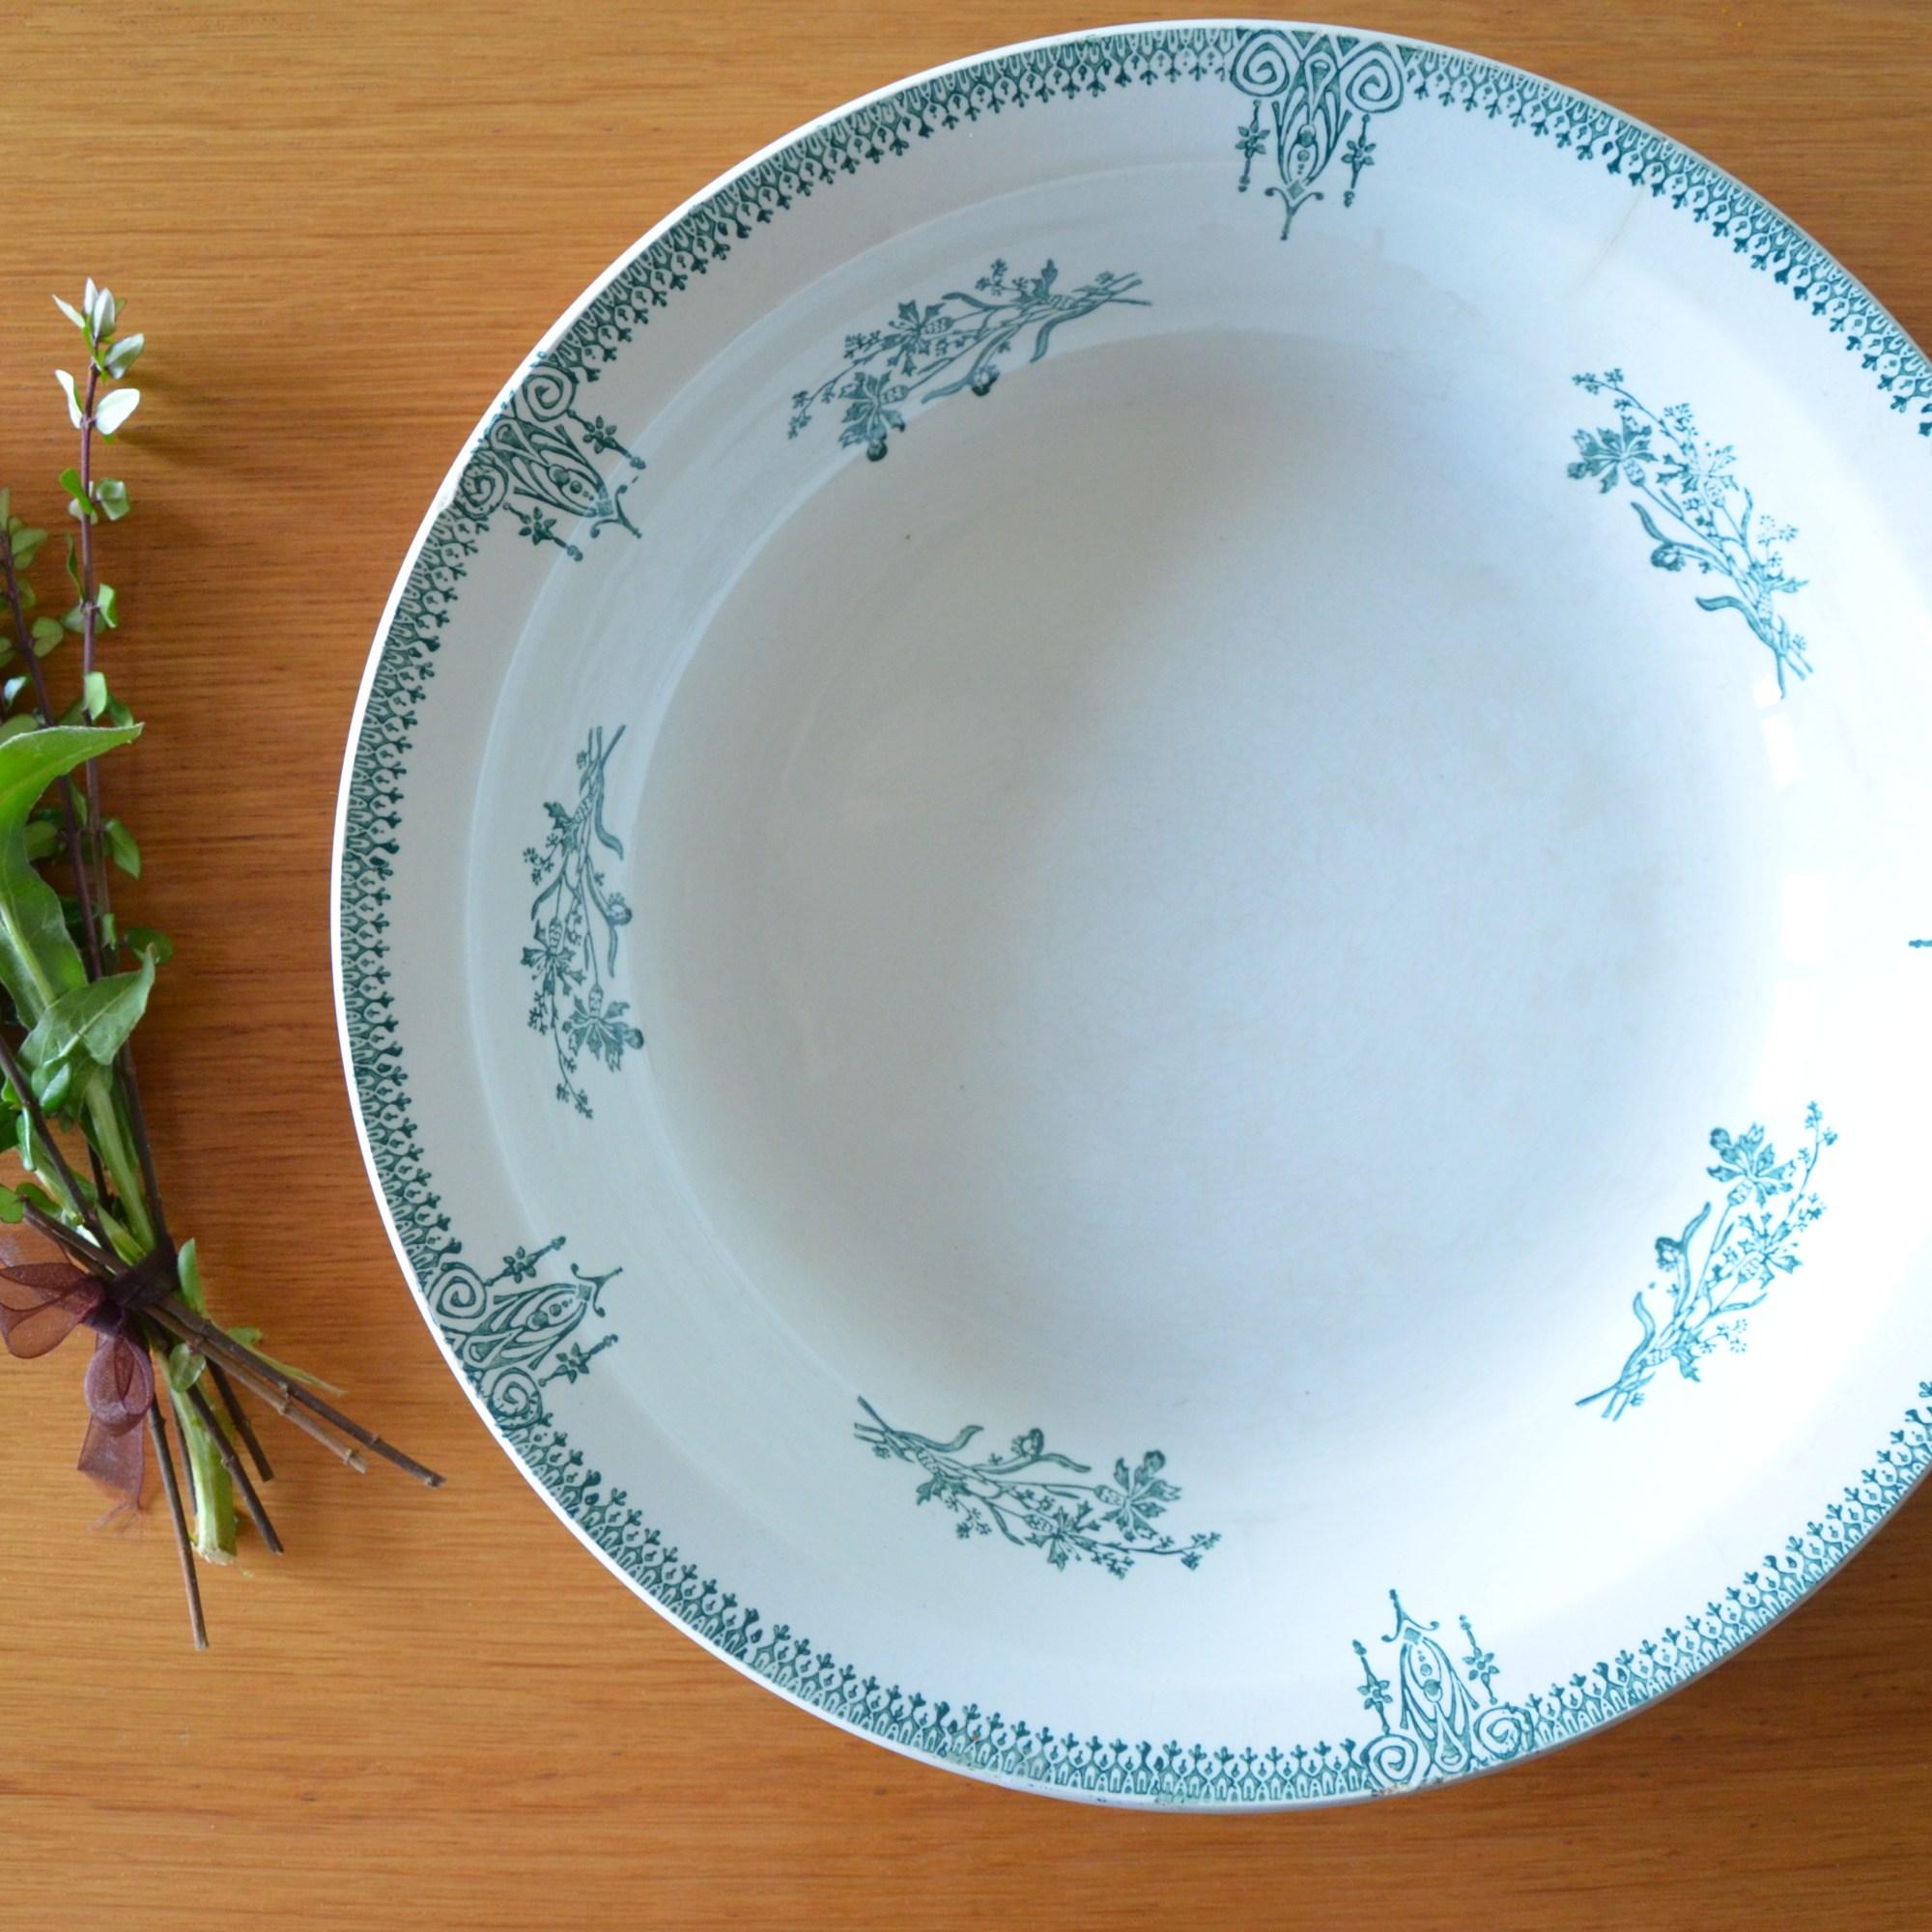 Plat de service creux de la manufacture Saint Amand, établissement ceramique de in France 4003